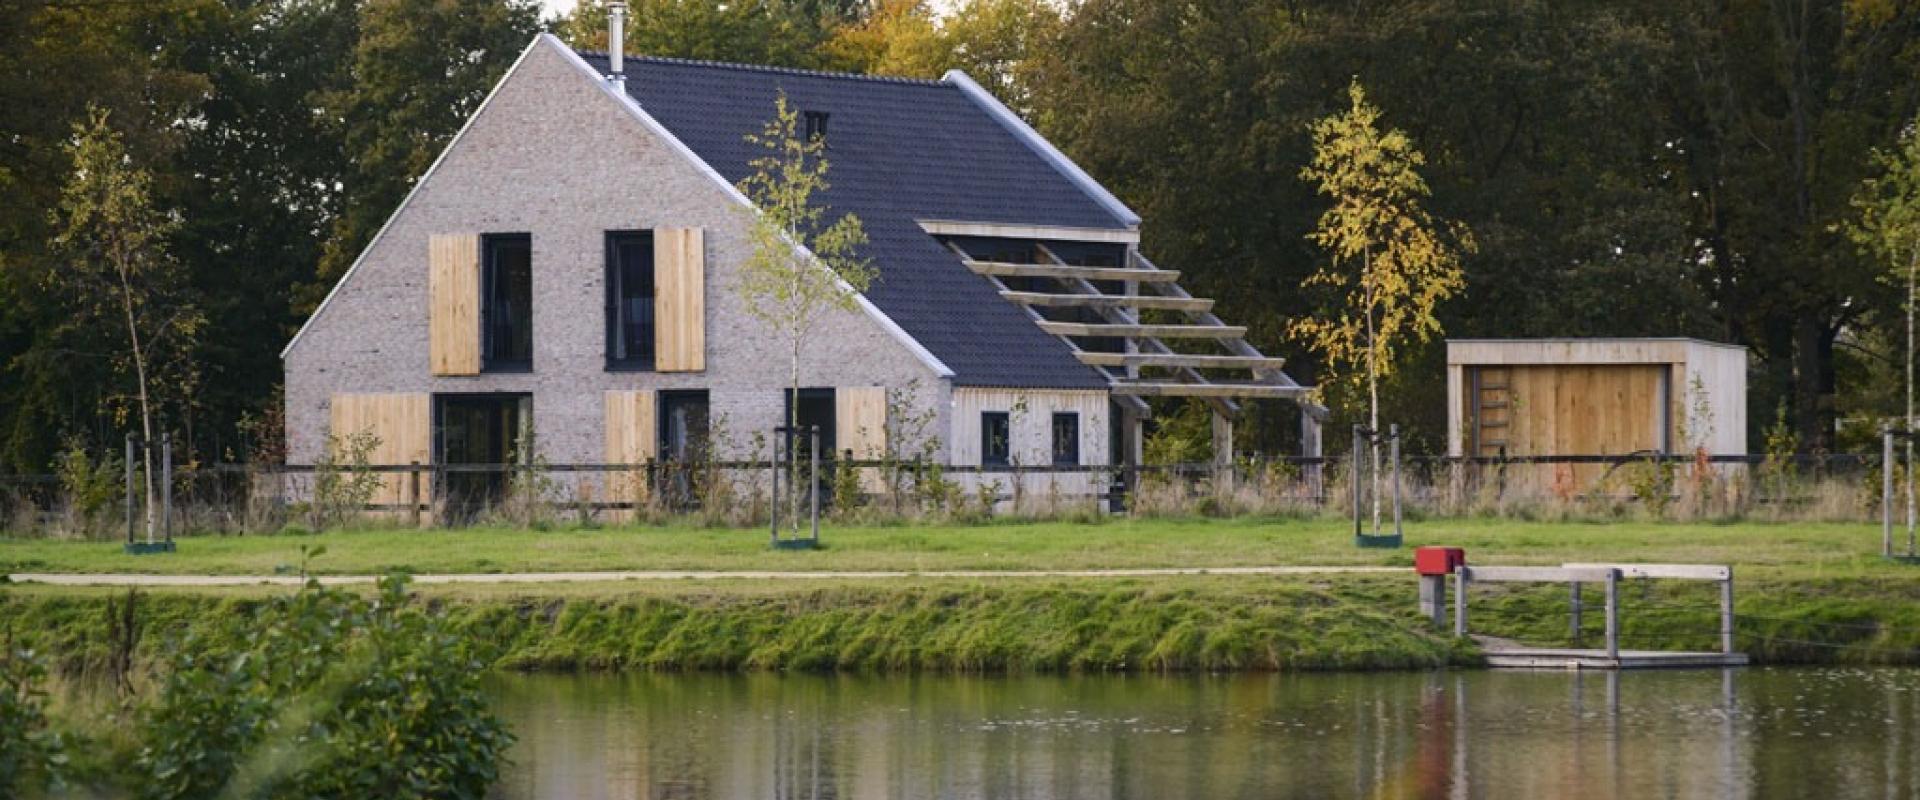 Schipperdouwesarchitectuur Woonhuis Haaksbergen 29